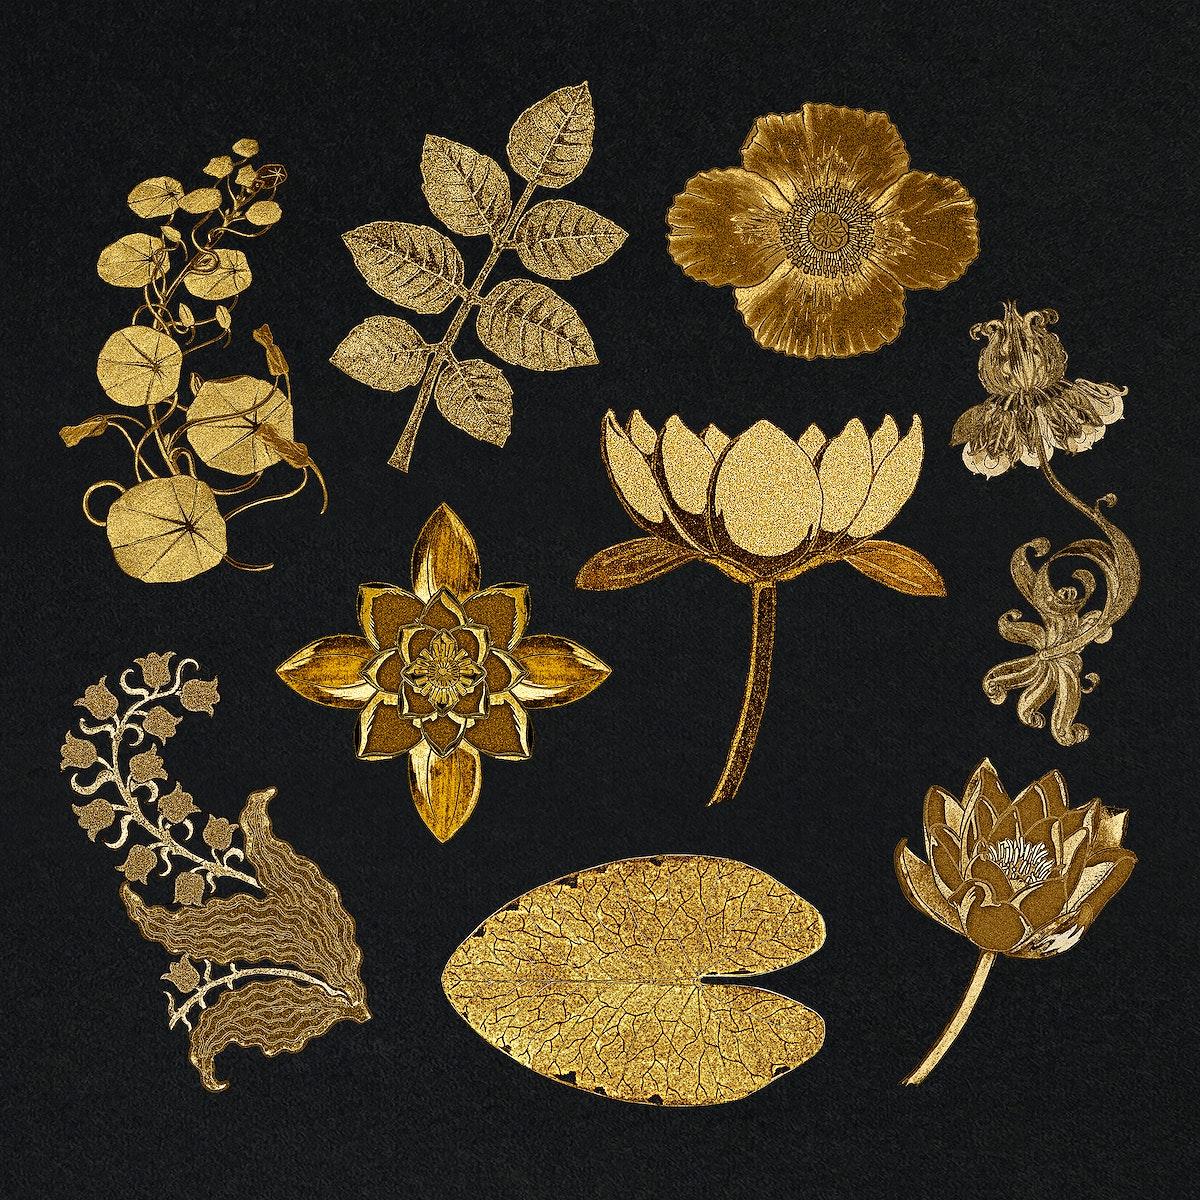 Vintage gold flower and leaf illustration design element set